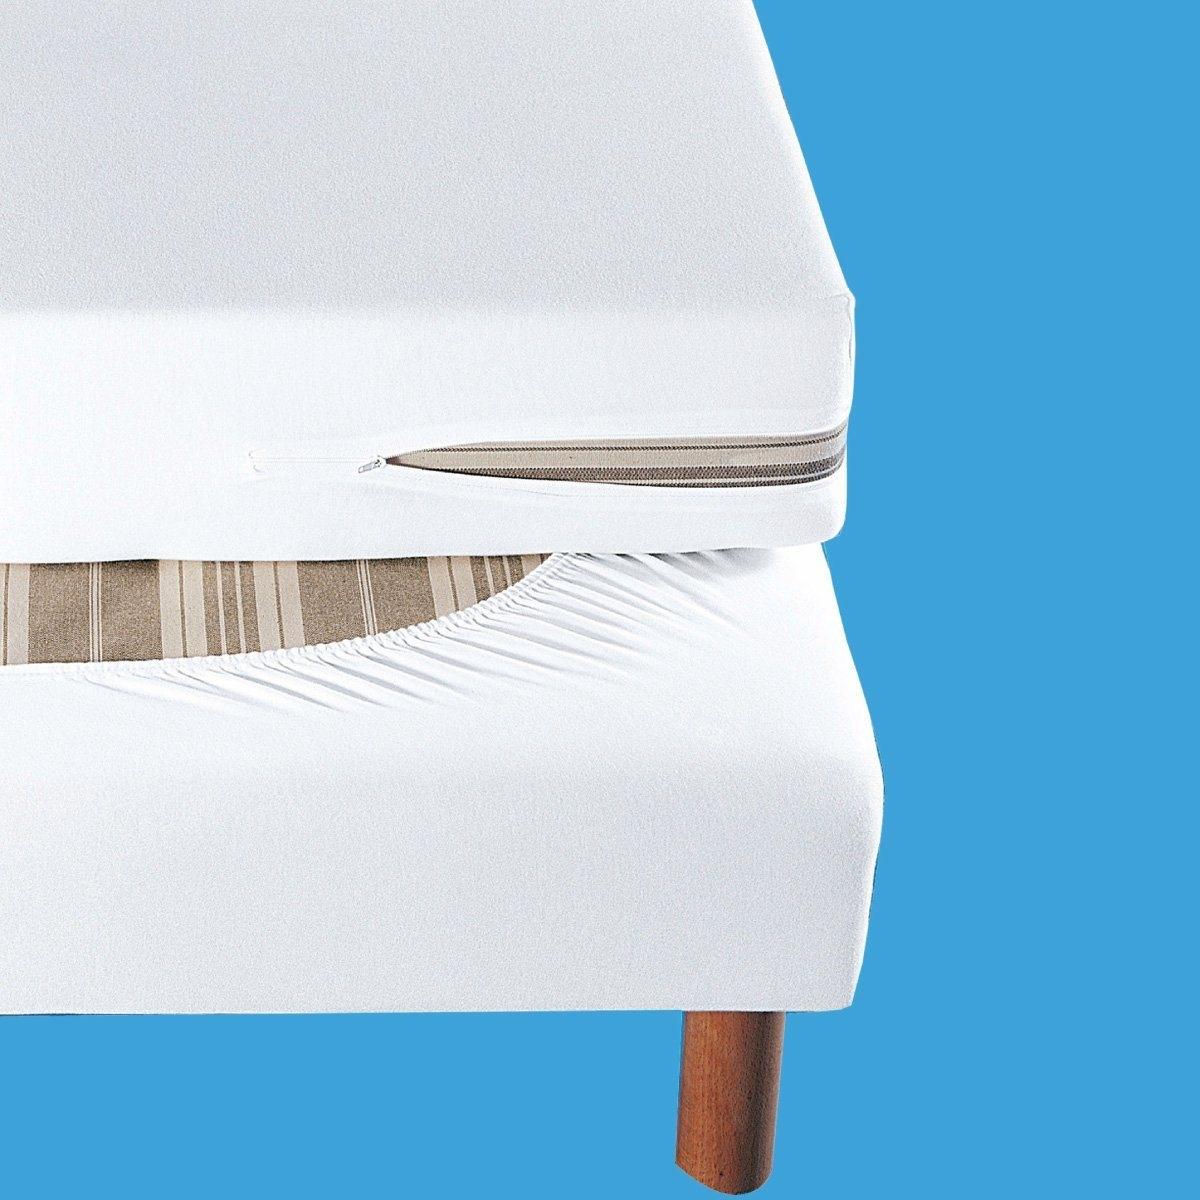 Чехол для боковин кроватиКачество VALEUR S?RE. Обновите старую кровать! Защитный чехол из мягкого и прочного джерси стретч, 100% хлопка, 140 г/м?. Подходит для боковин от 10 до 20 см. Эластичный по периметру. Простой уход: стирка при 40°.<br><br>Цвет: белый,синий,слоновая кость<br>Размер: 160 x 200 см.90 x 190 см.140 x 190 см